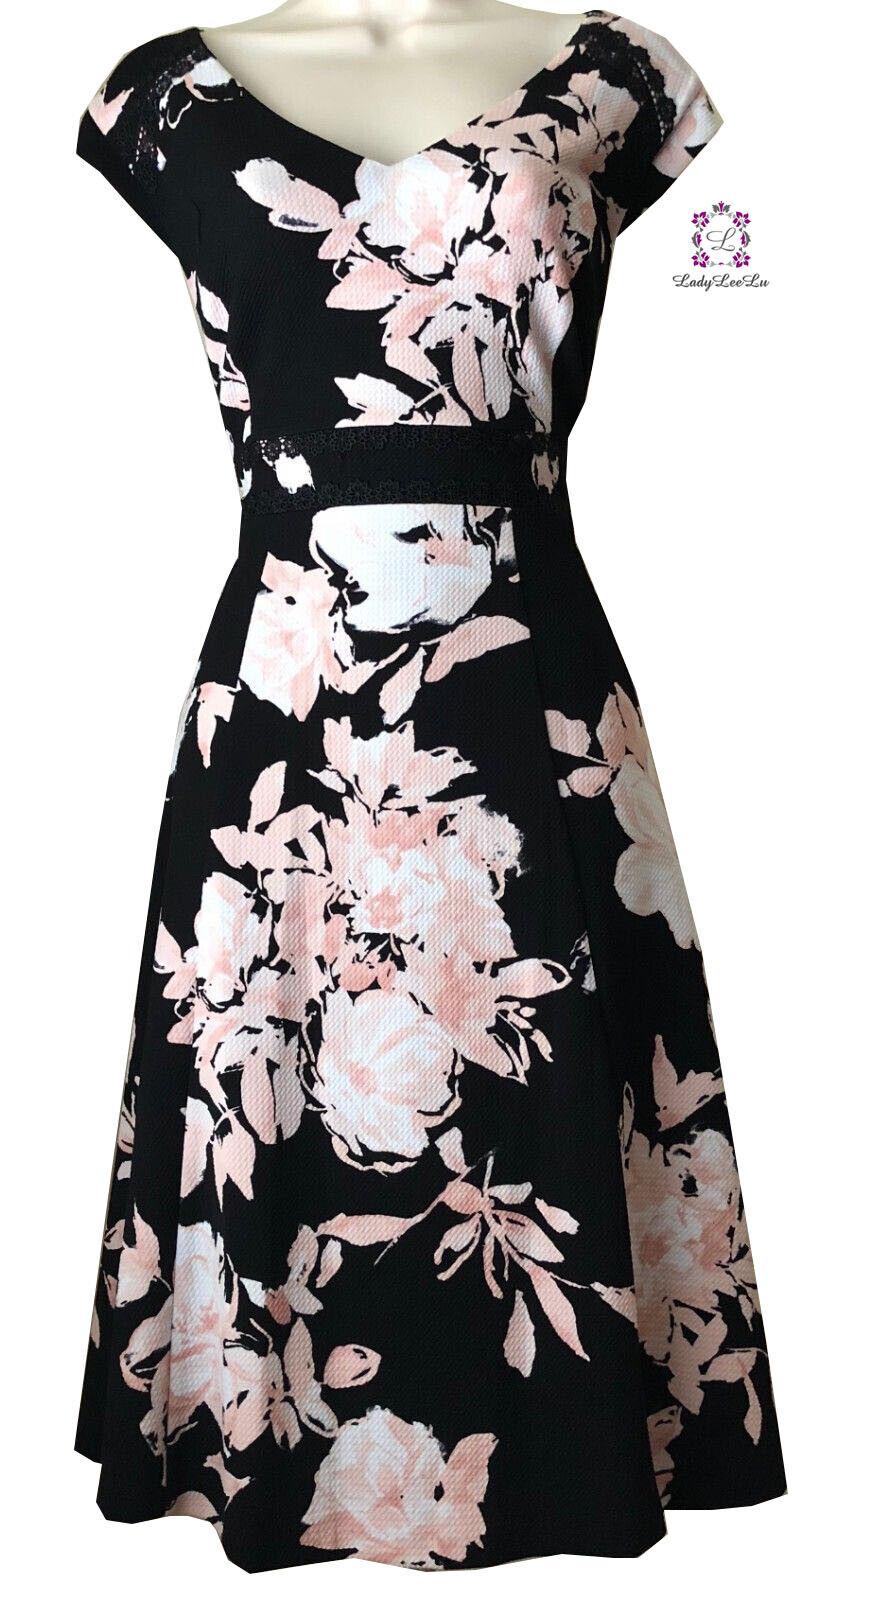 Karl Lagerfeld Paris Floral Printed V-Neck Fit & Flare Dress L8BB6946 Größe 8 10